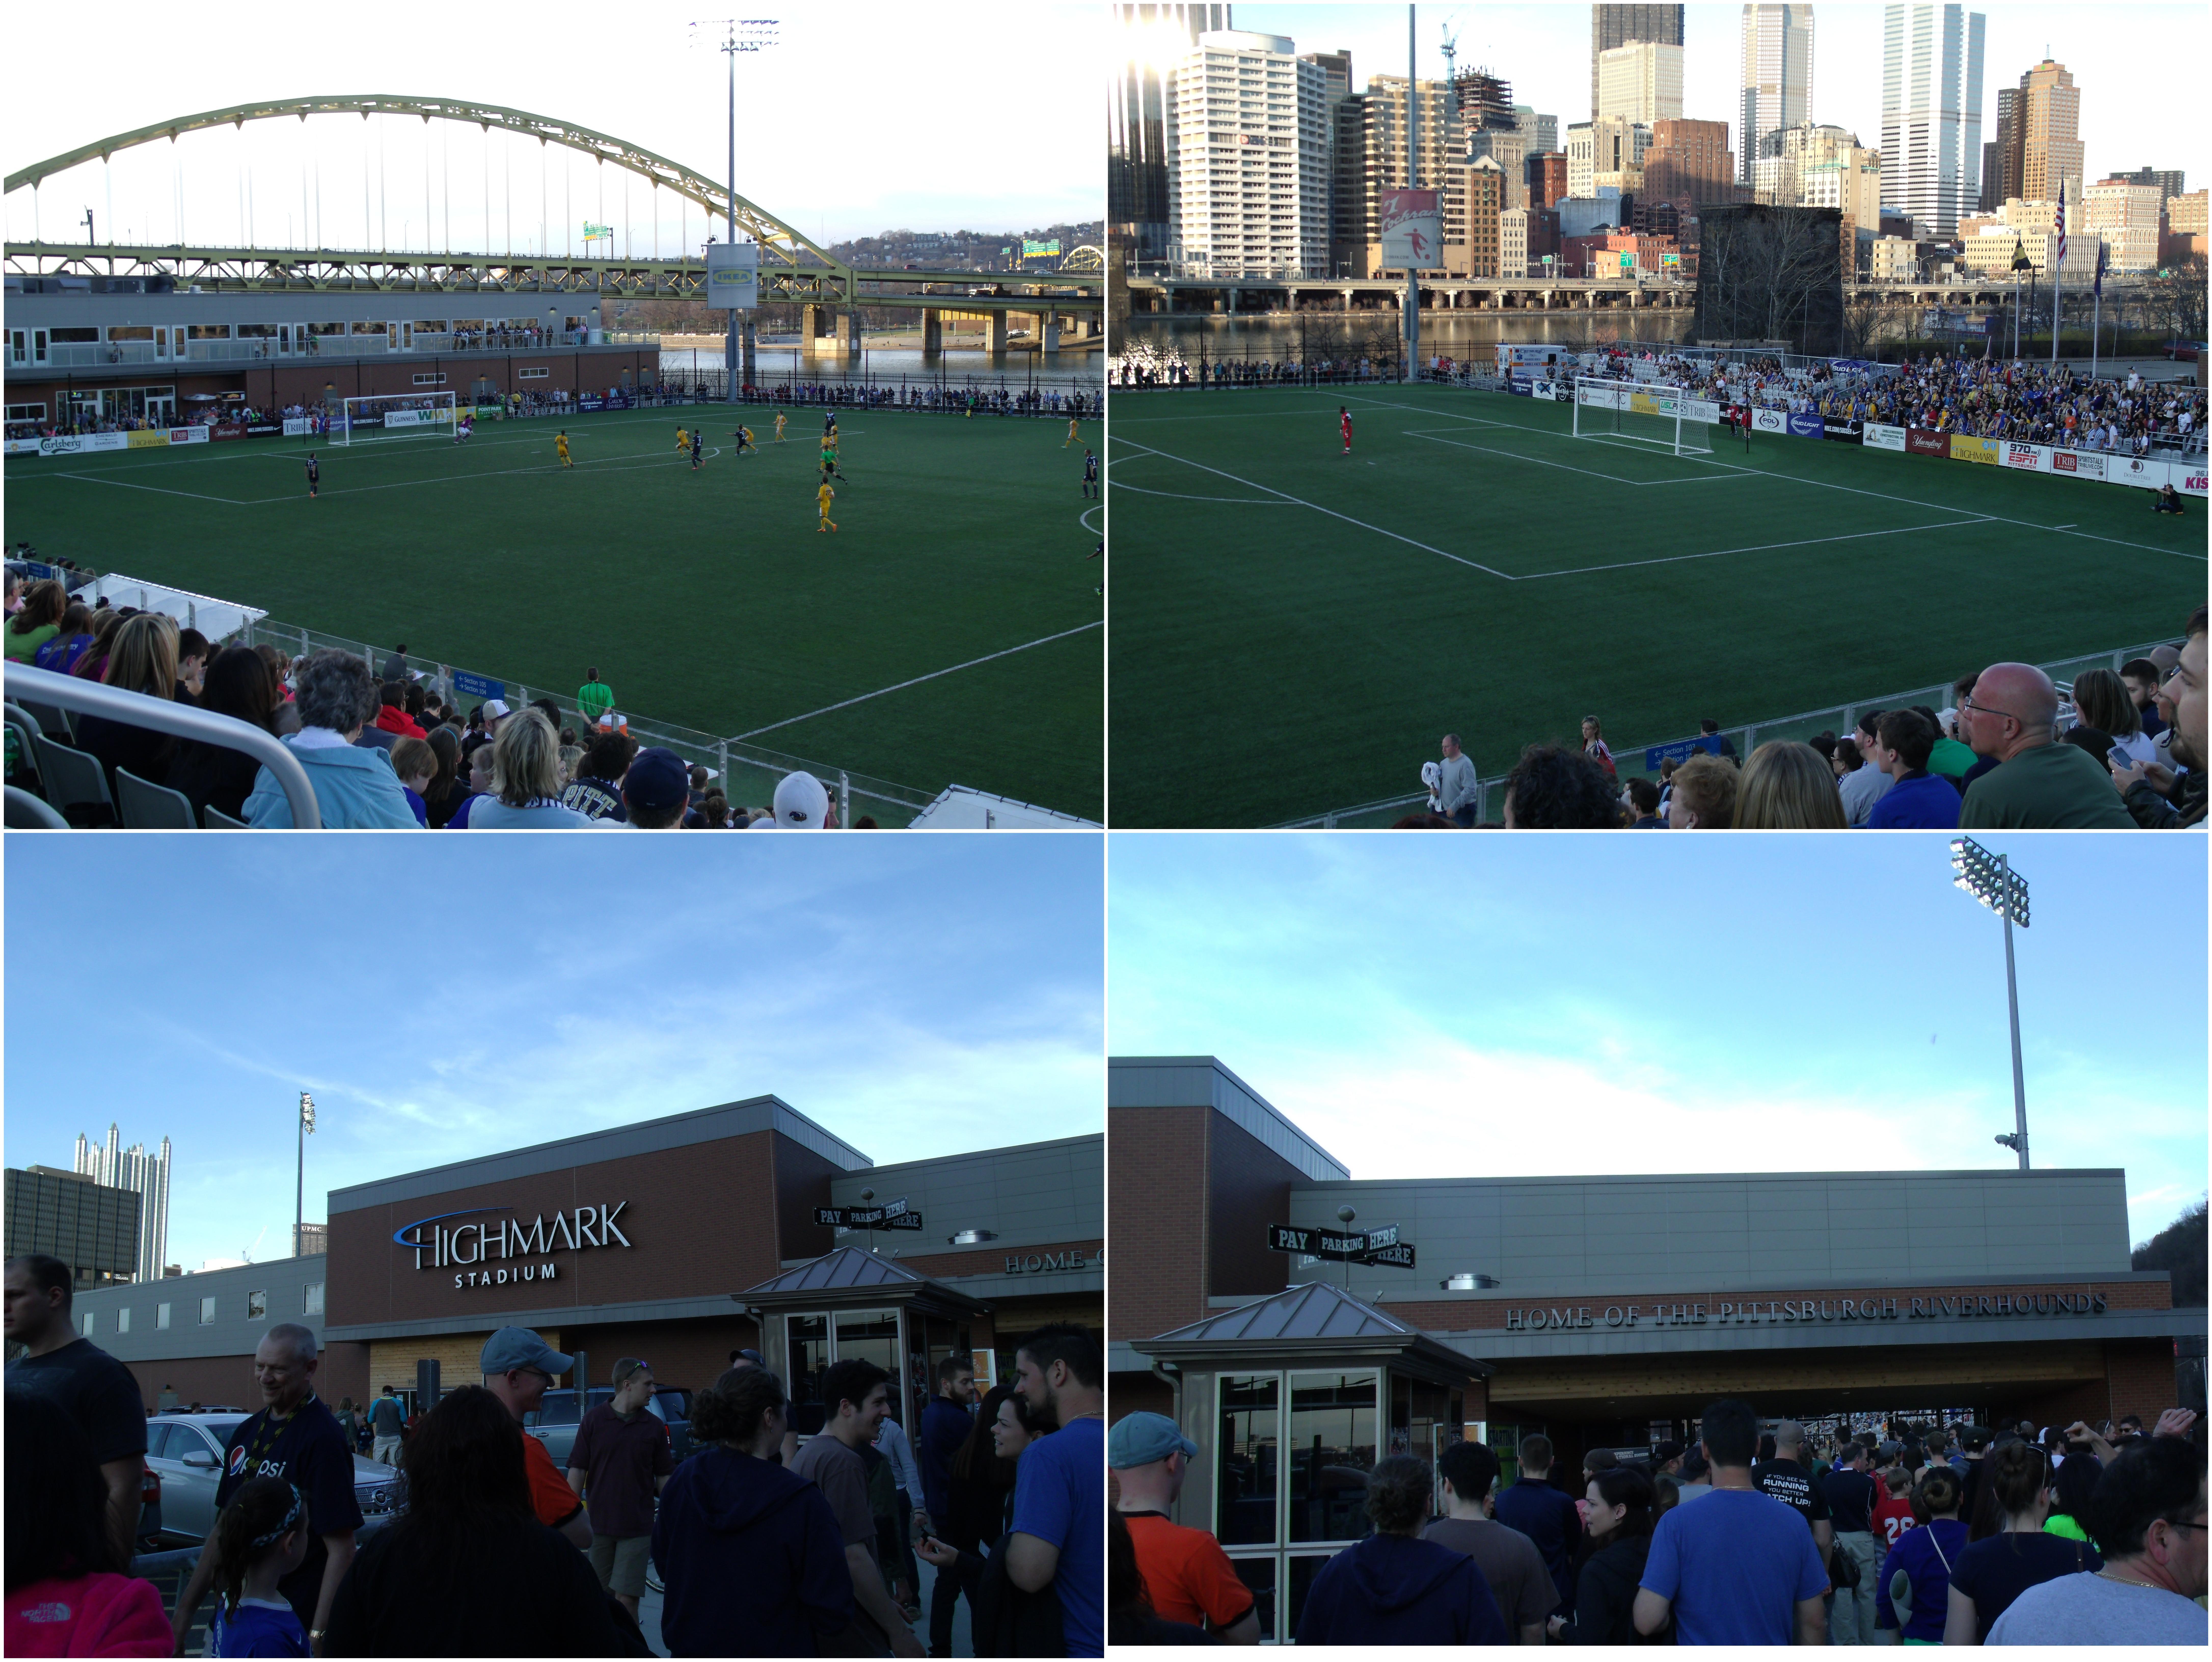 highmark stadium wikipedia